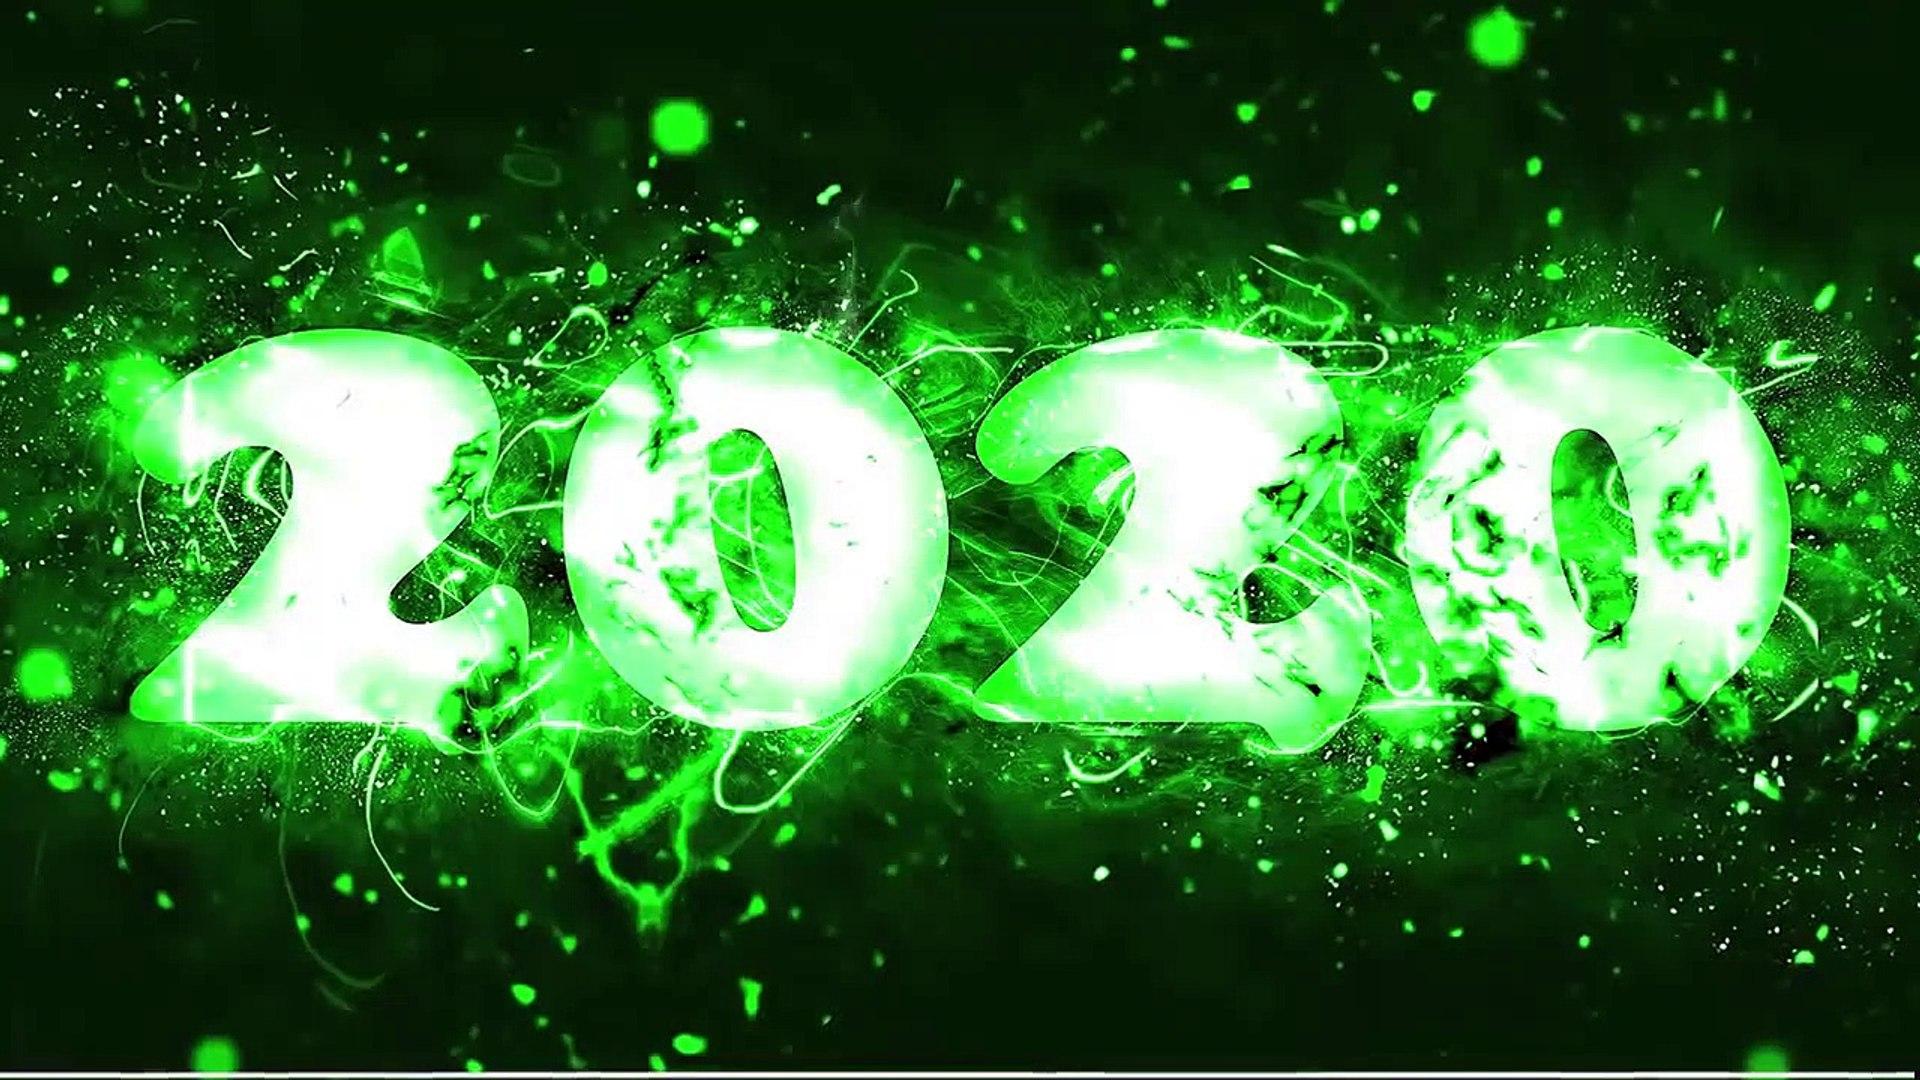 Musica Más Escuchadas 2020 Lo Mas Nuevo Mix La Mejor Música Electrónica 2020 Marshmello Alan Walker Alok 2020 Vídeo Dailymotion